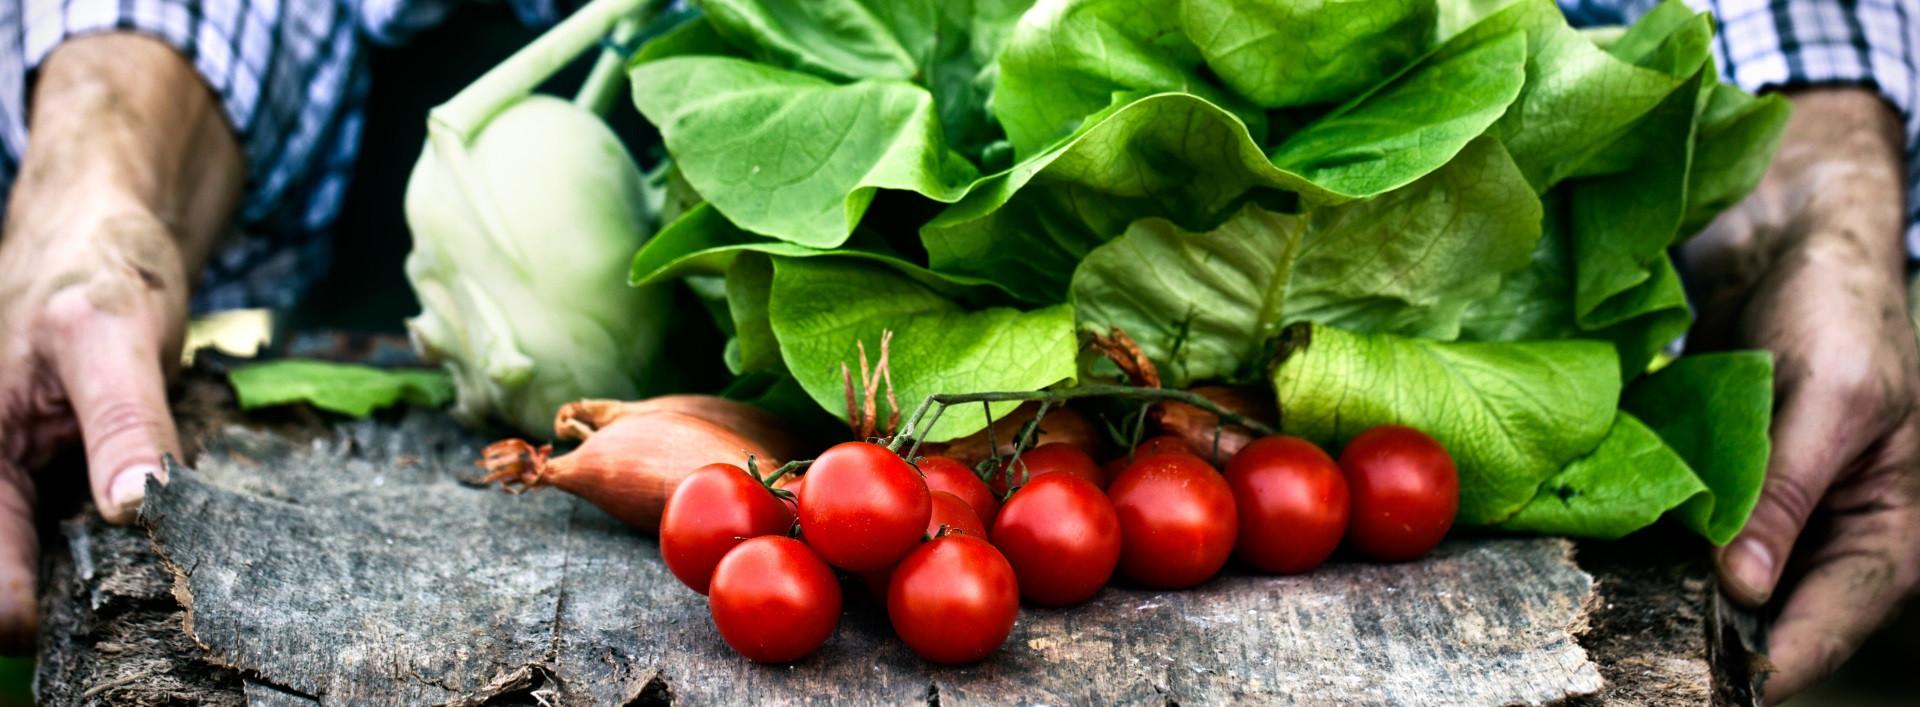 φυτική διατροφή - laxanika natureshouse - φυτική διατροφή: γιατί αξίζει;